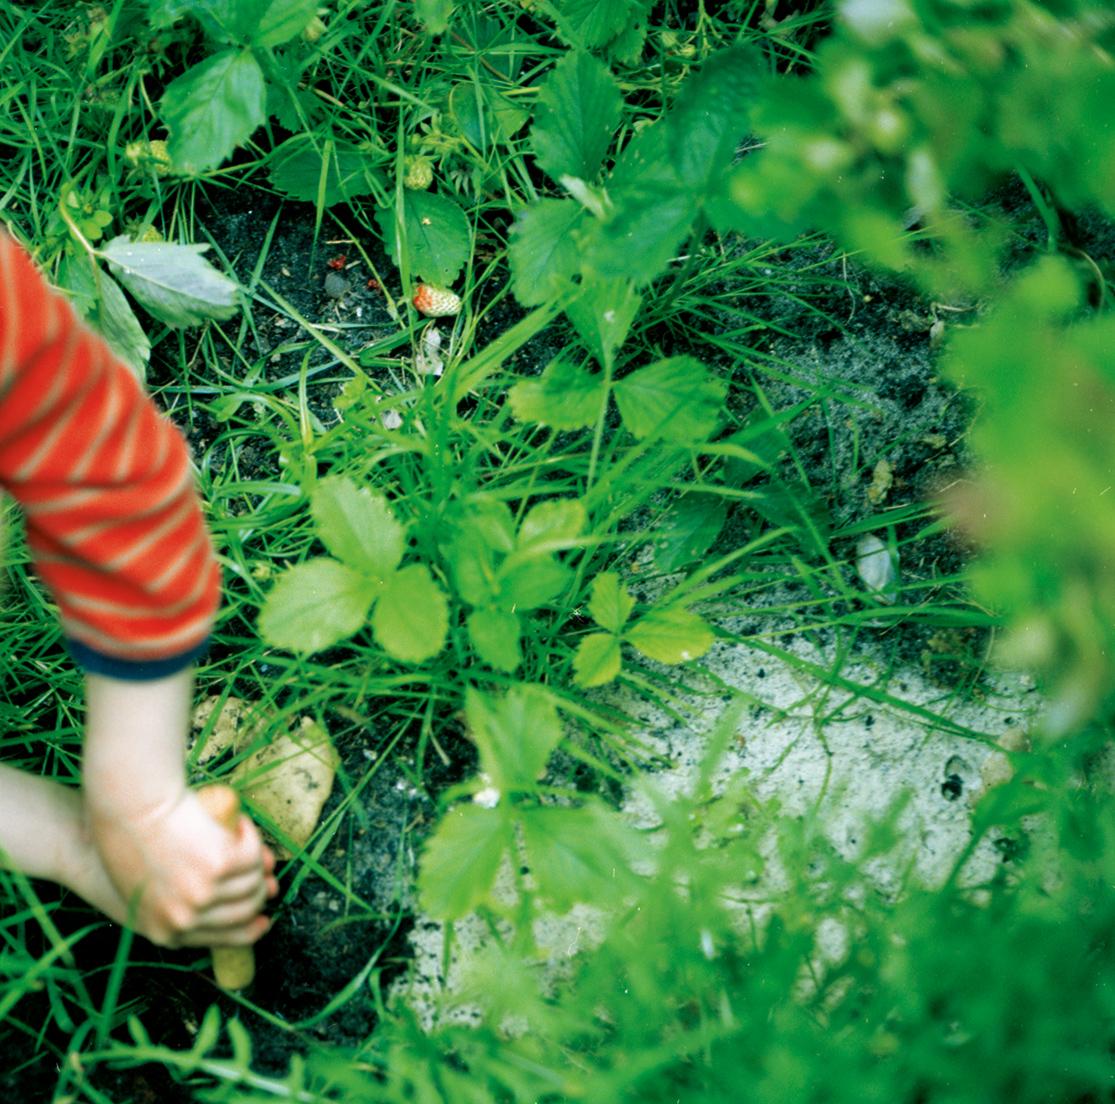 leicagirl / www.photocase.de